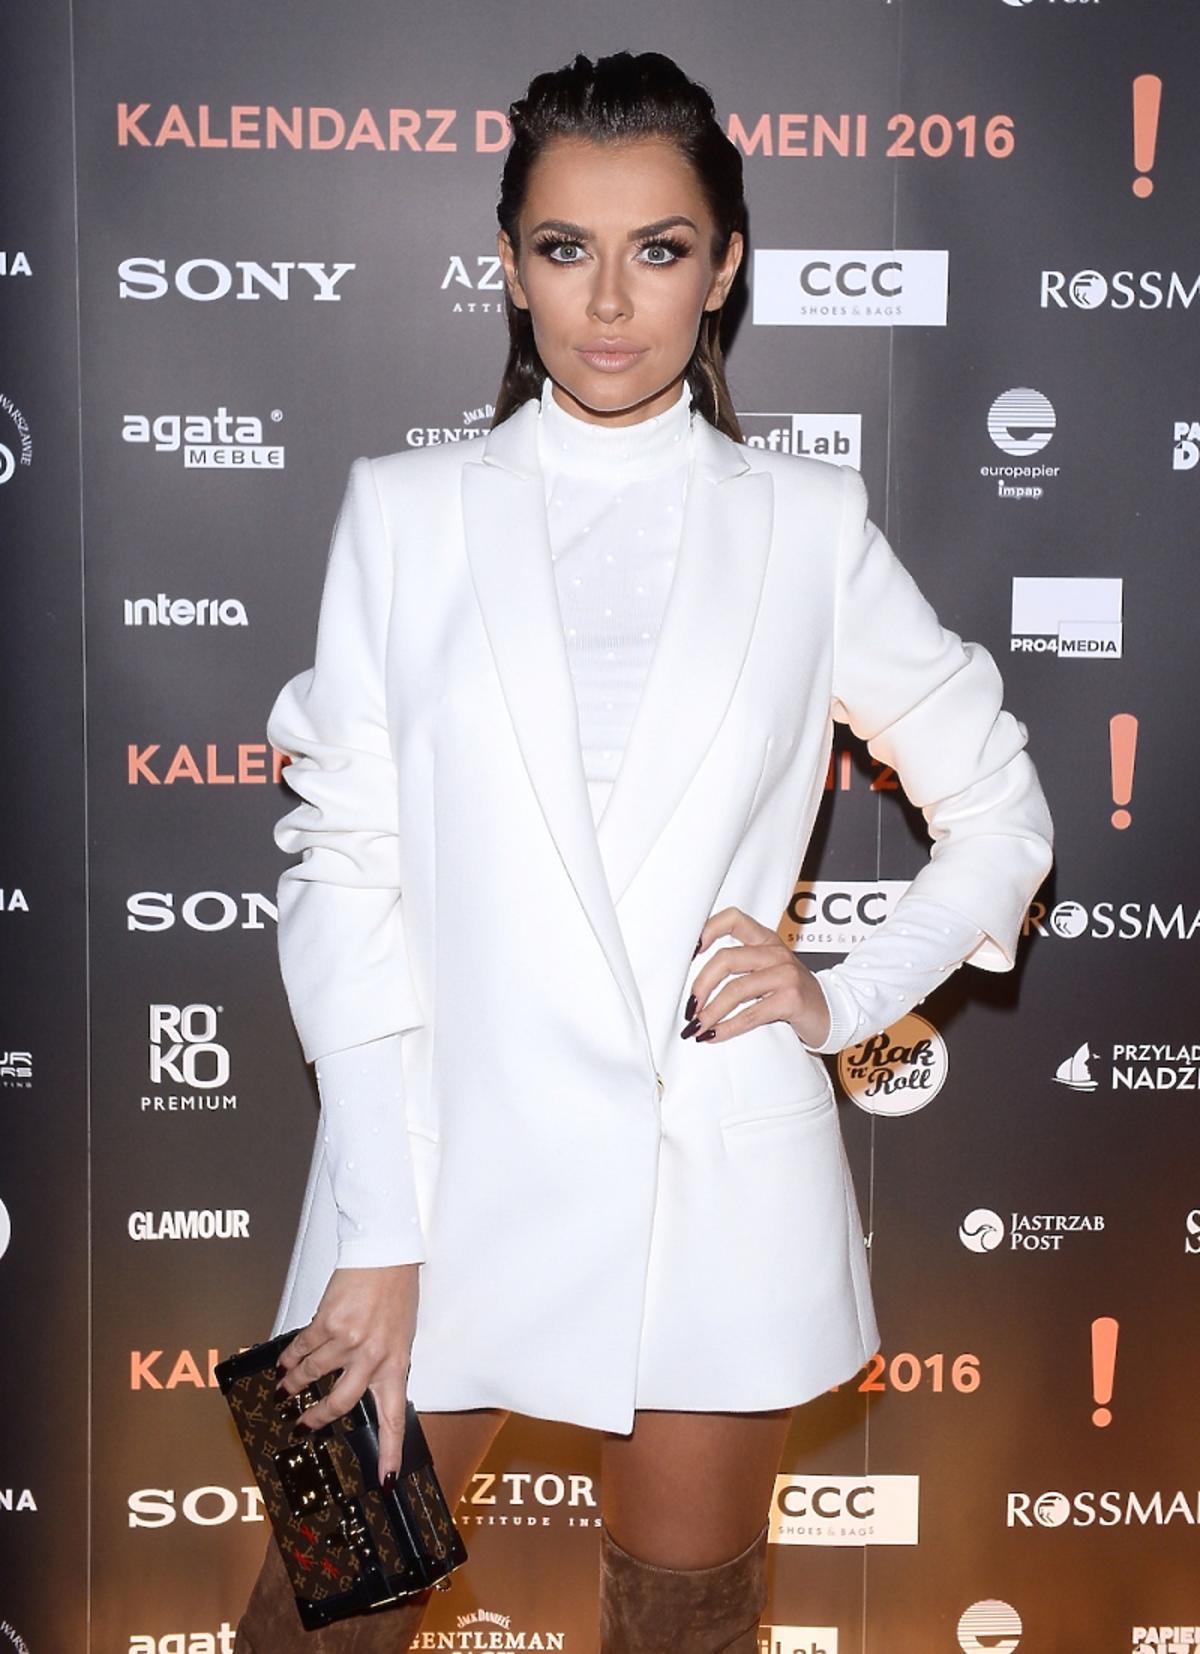 Natali Siwiec w białej marynarce, brązowych kozakach z frędzlami, torebką Louis Vuitton